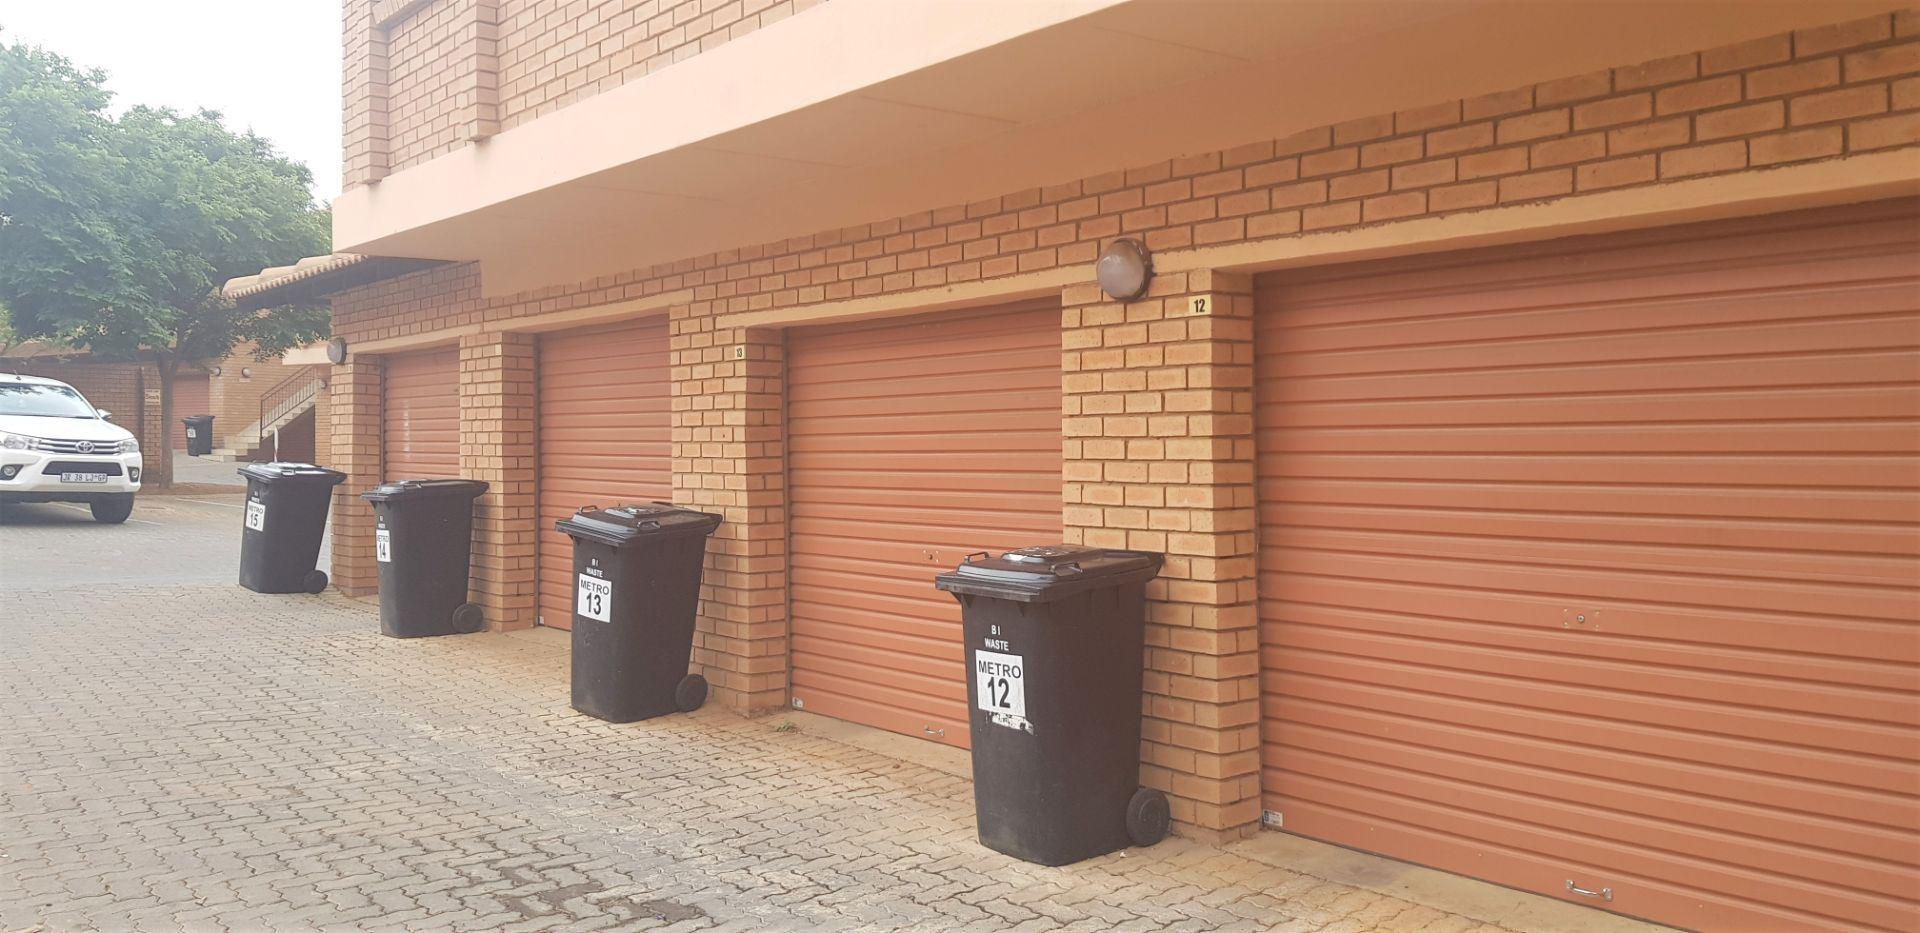 Townhouse Rental Monthly in ELARDUSPARK